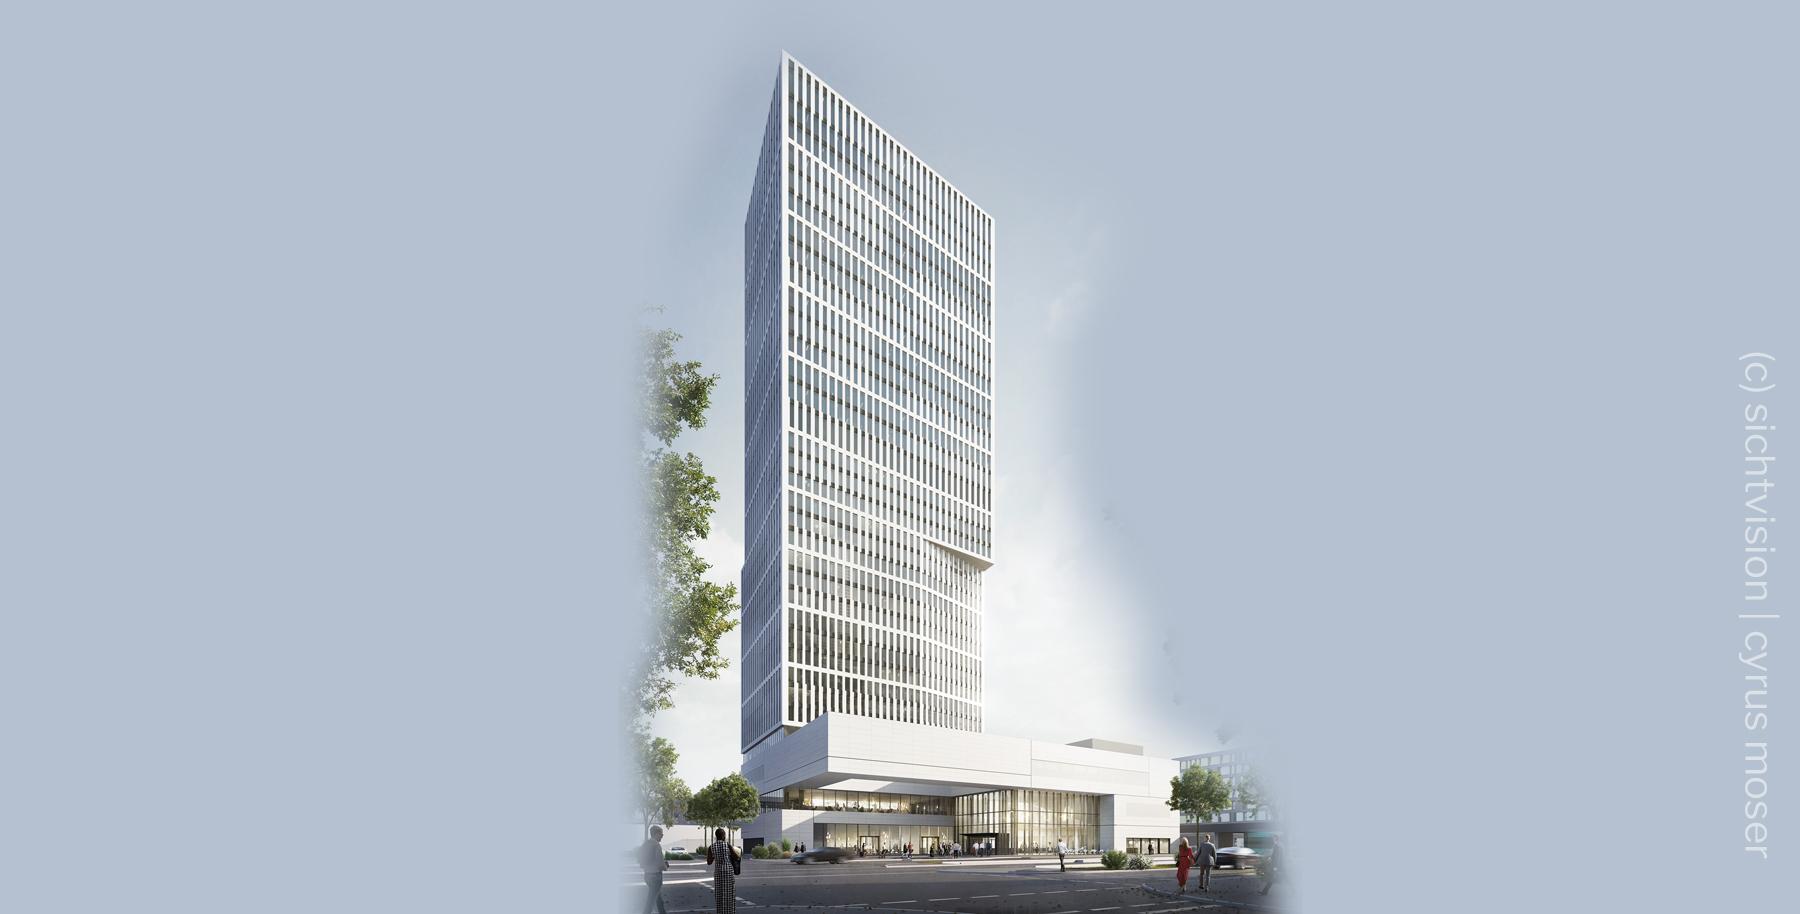 Sparda-Bank Tower FFM - Sparda Bank Tower Frankfurt am Main - Neubau Sparda Bank Hessen eG - Architektur von cyrus moser - Computer Animation Frankfurt von Sichtvision